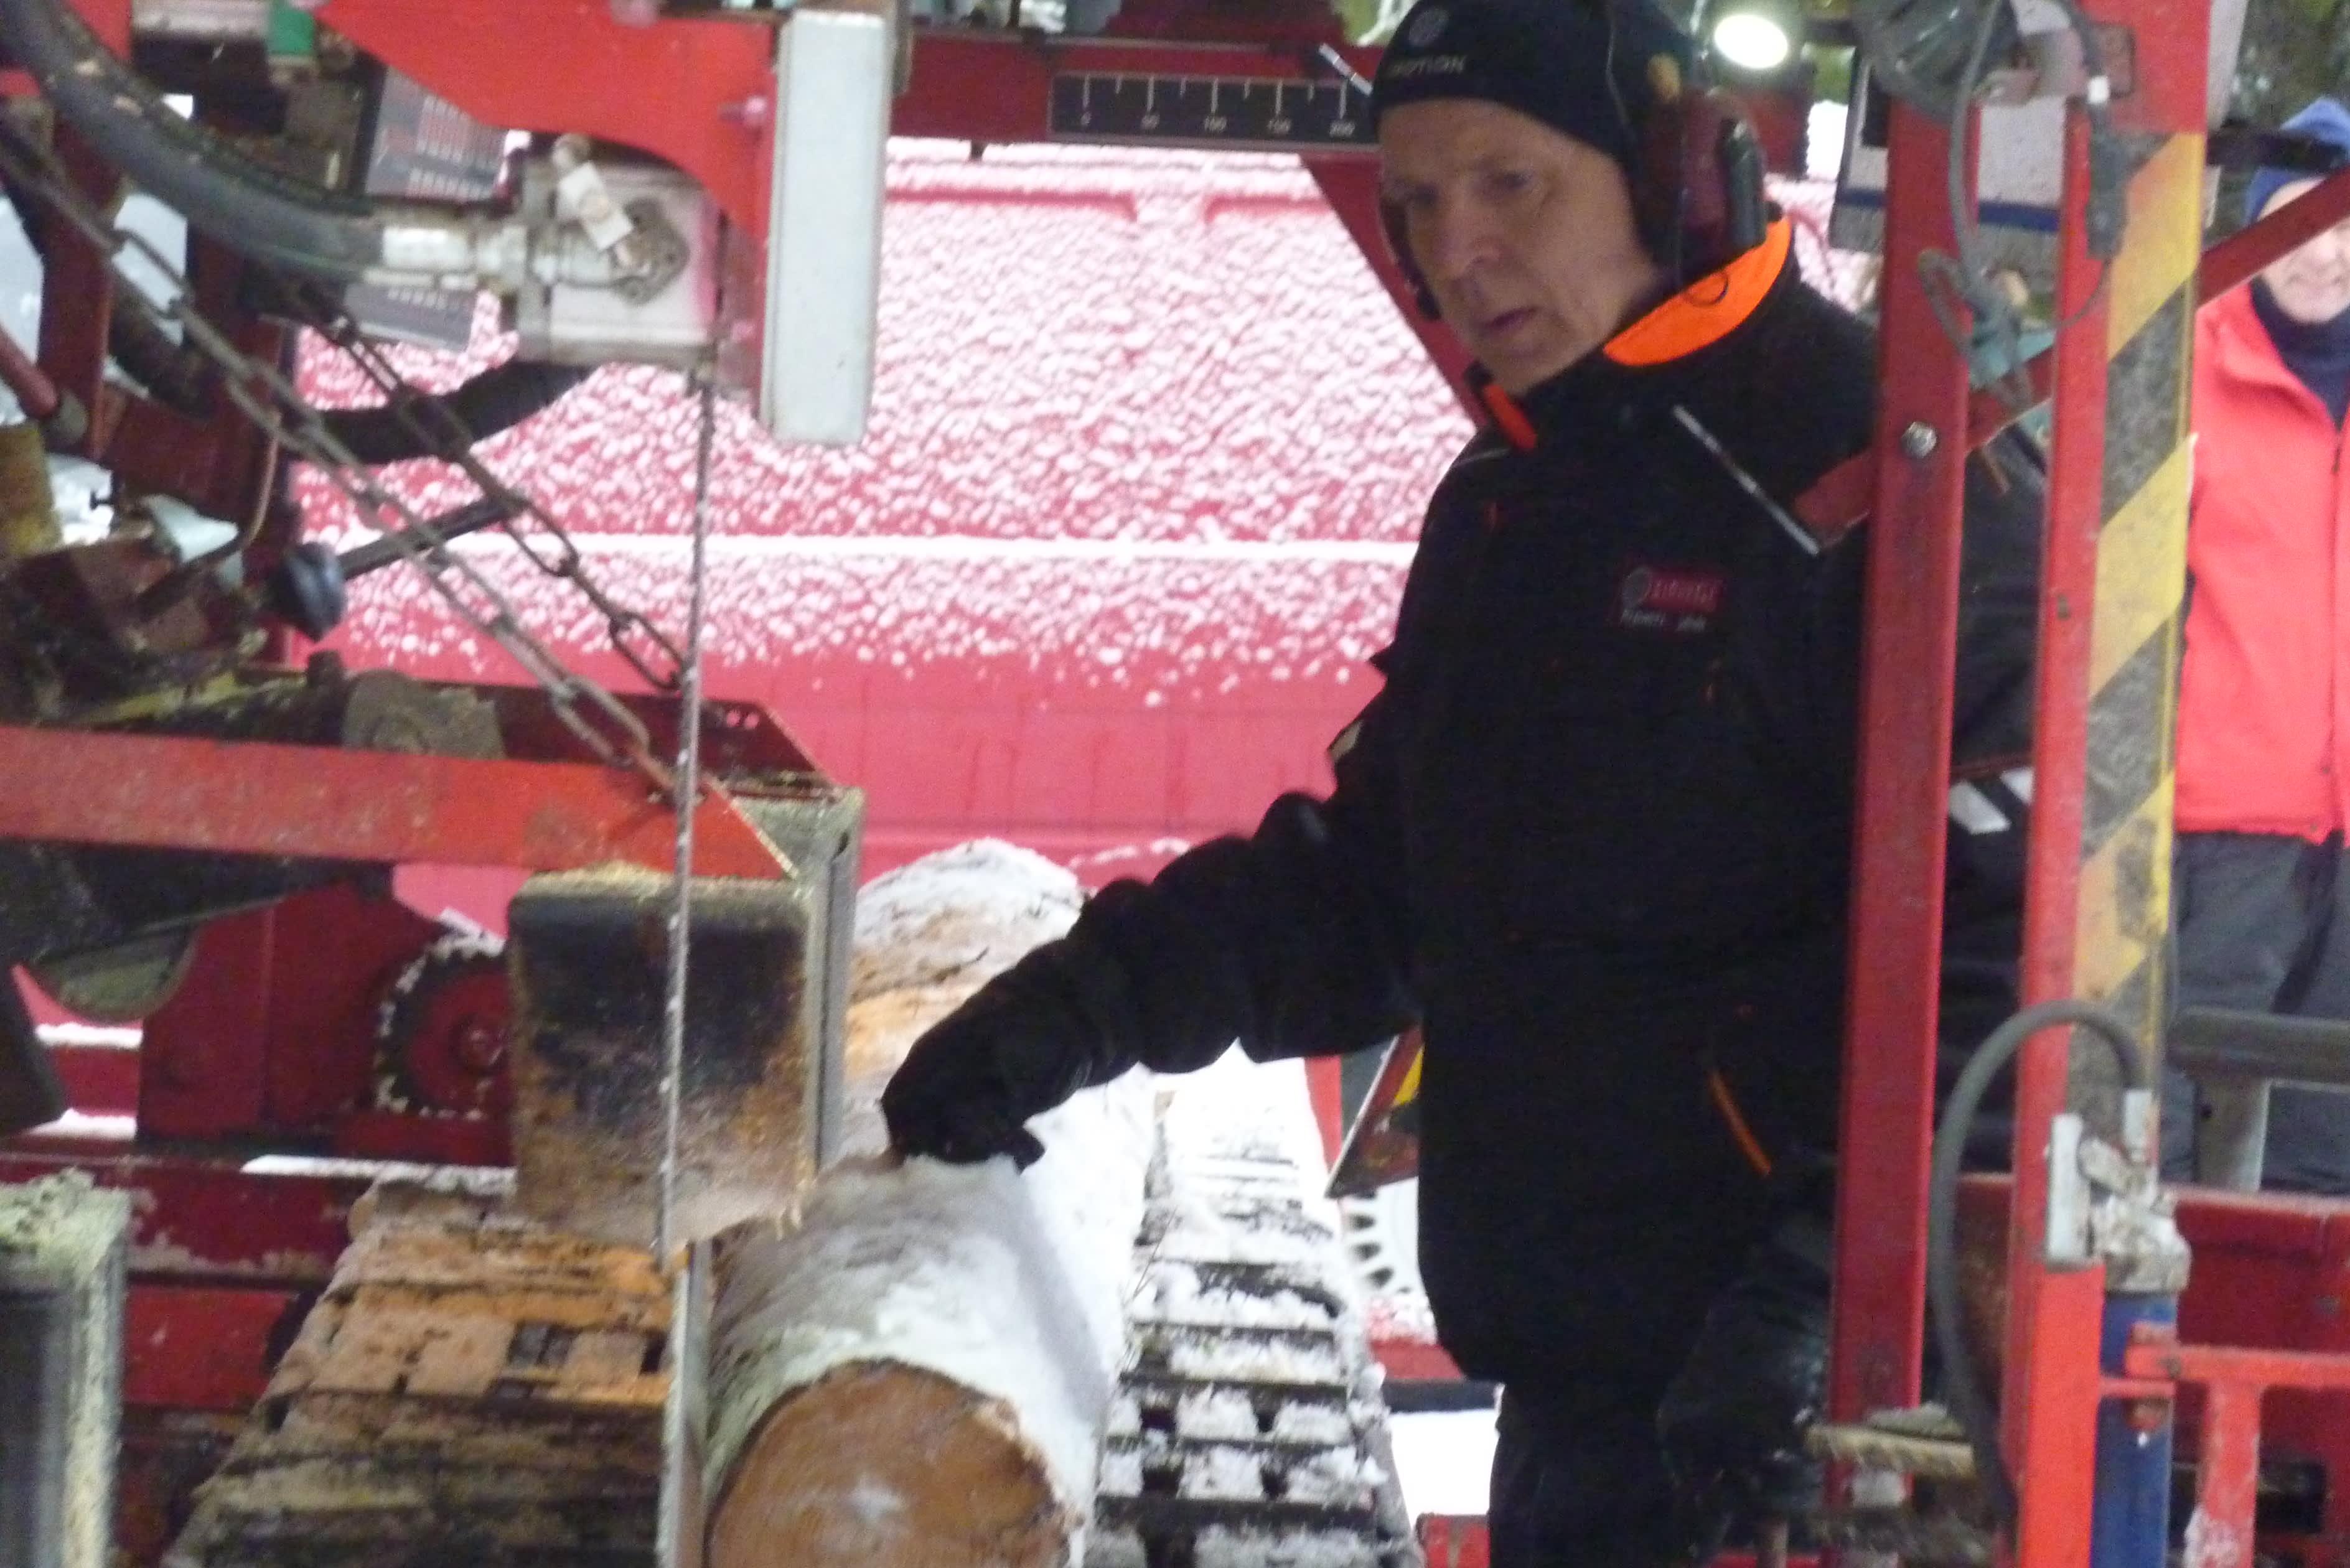 Leppävirtalainen Timo Ripatti sahaamassa tukkipuuta.